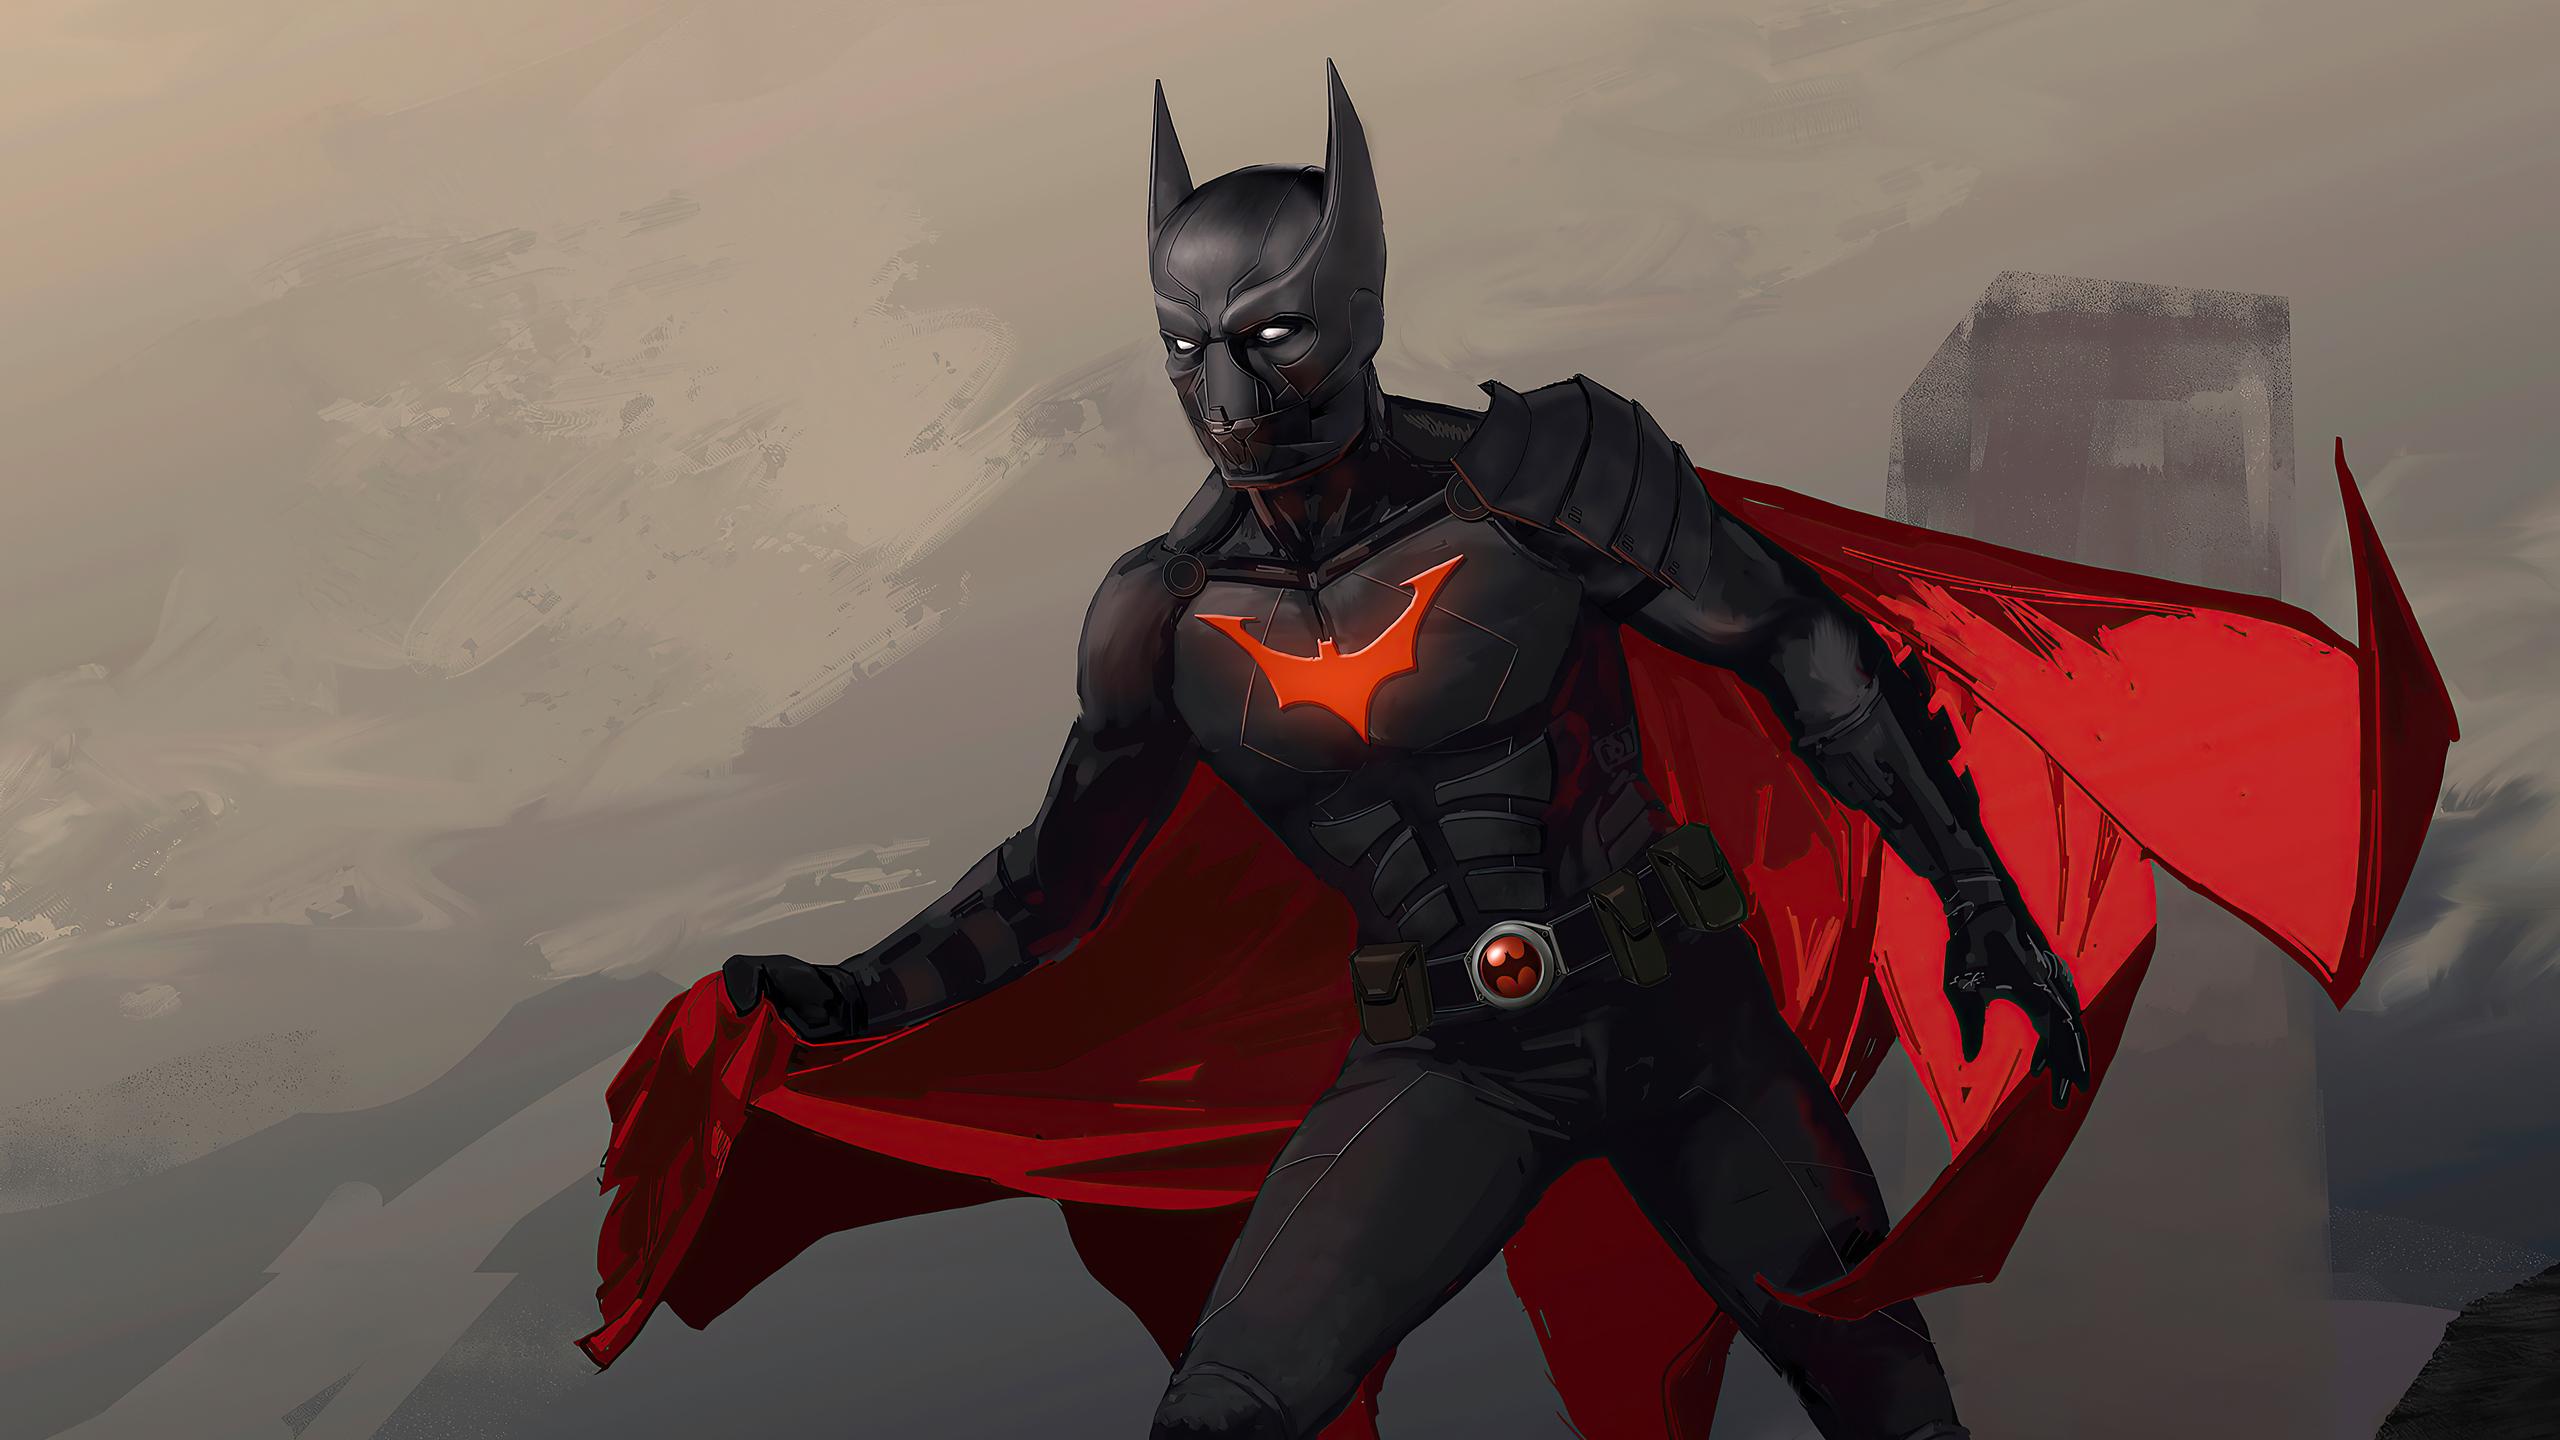 4k-batman-beyond-2020-art-po.jpg